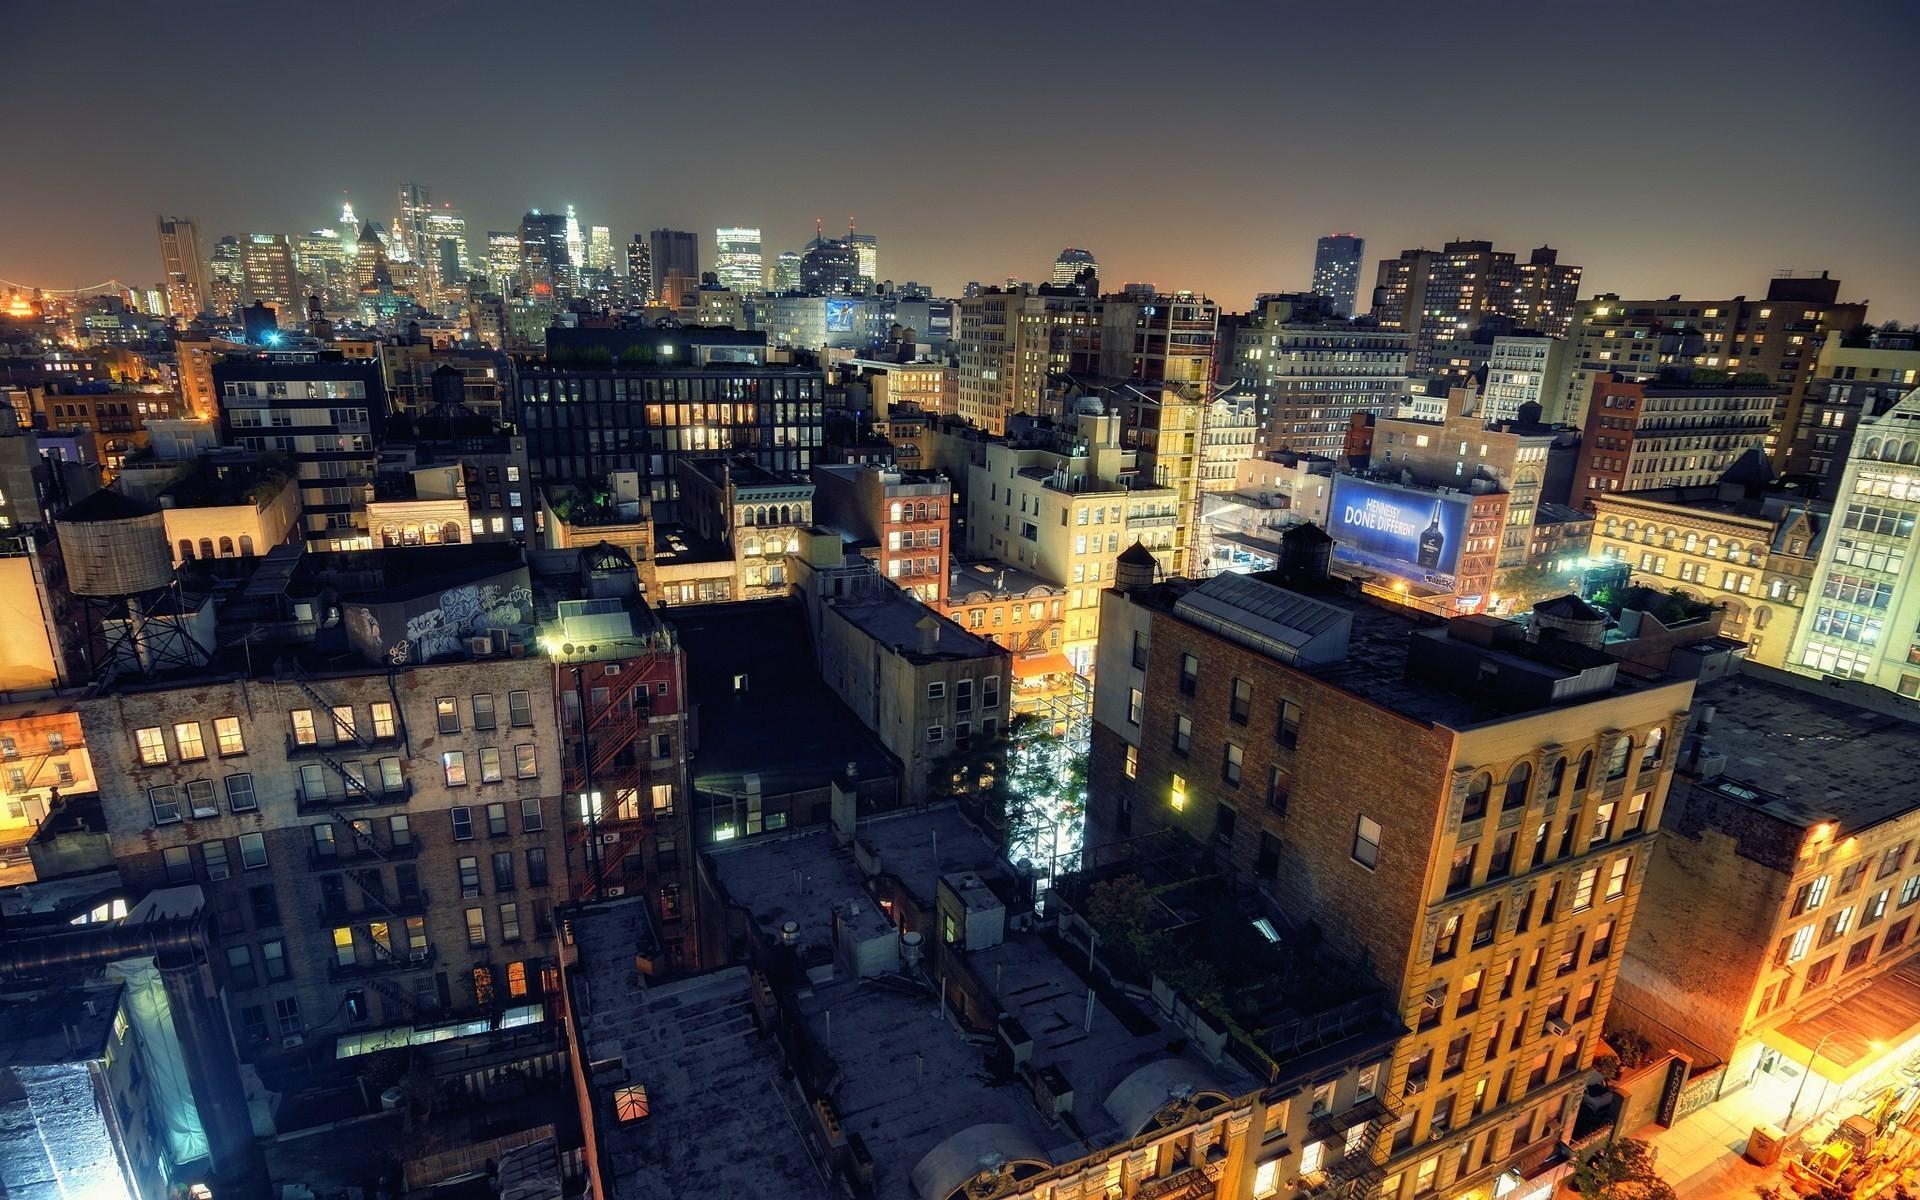 список картинки домов в городе ночью один самых простых